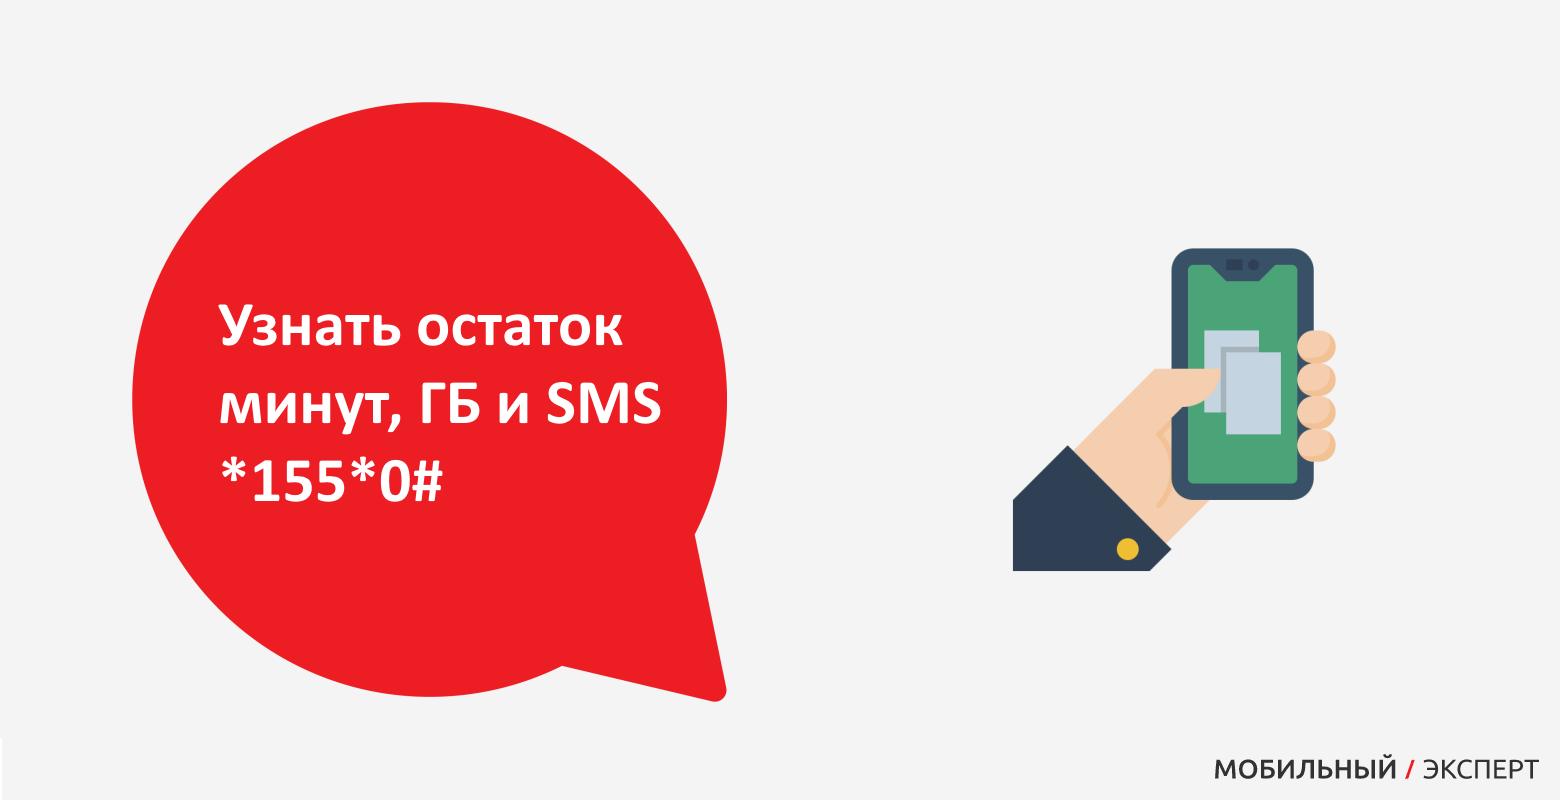 Проверить остаток минут, ГБ и SMS – *155*0#